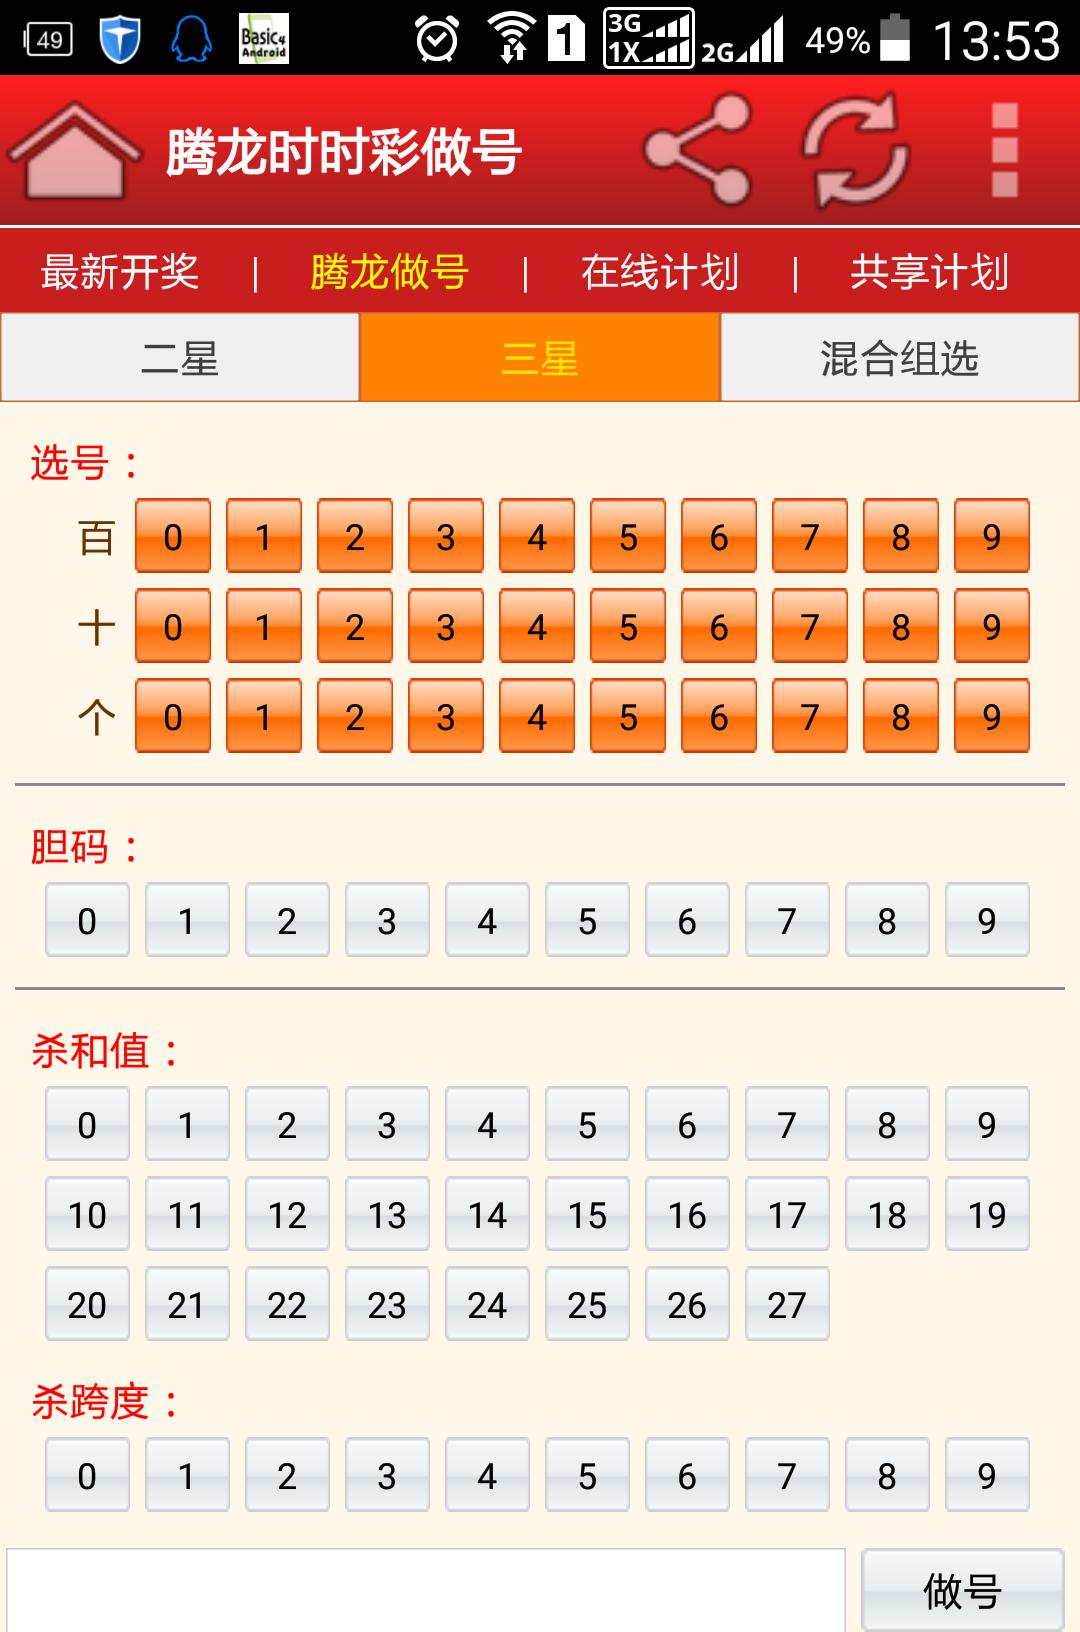 彩云时时彩软件_软件包括重庆时时彩实时开奖,开奖时语音报号